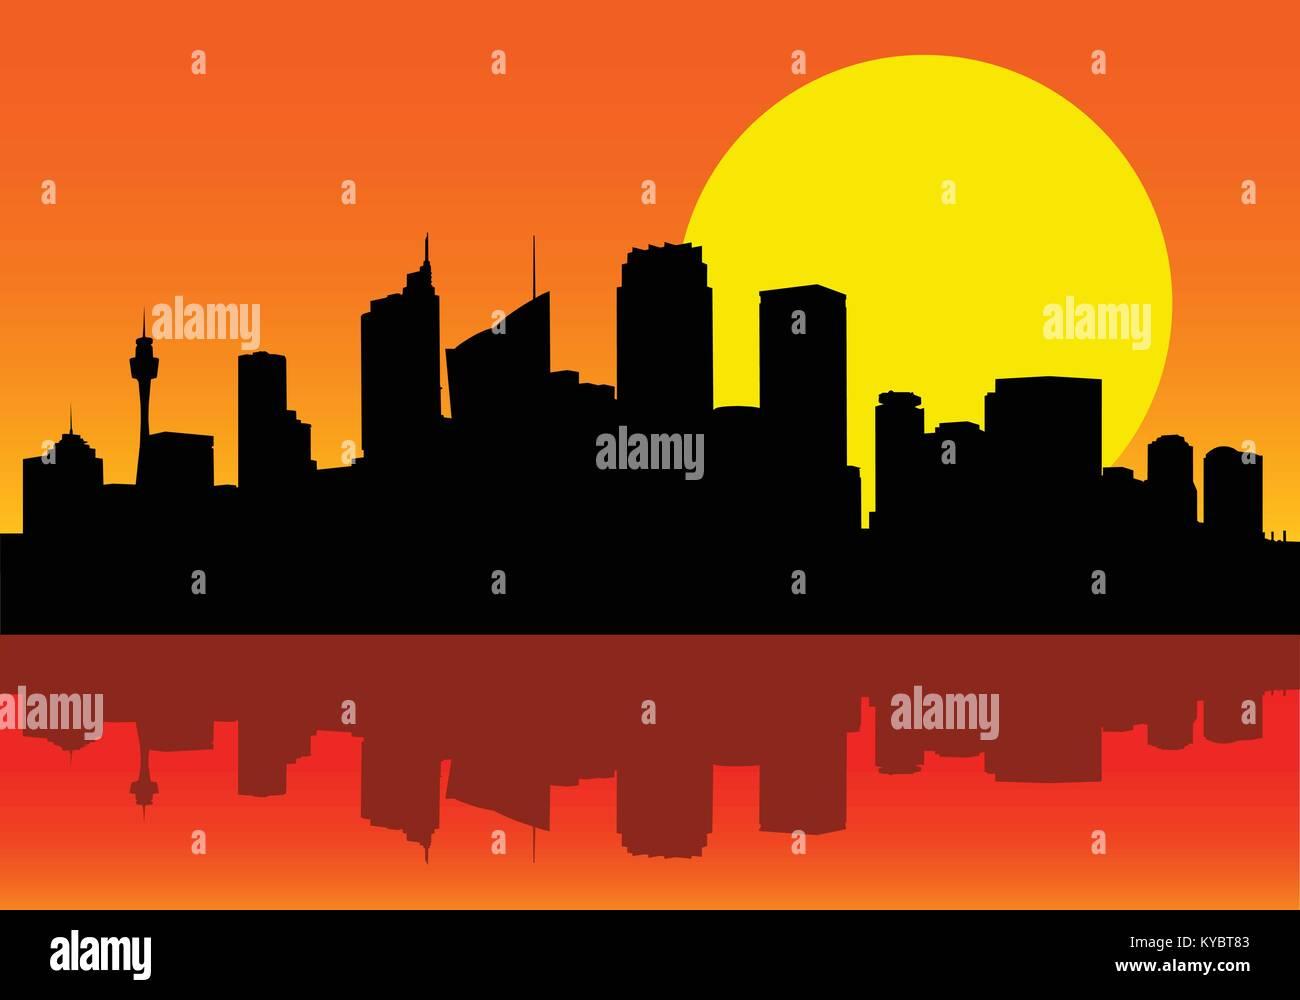 Image de vecteur silhouette ville de Sydney à l'aube avec grand soleil derrière la ville et la réflexion Photo Stock